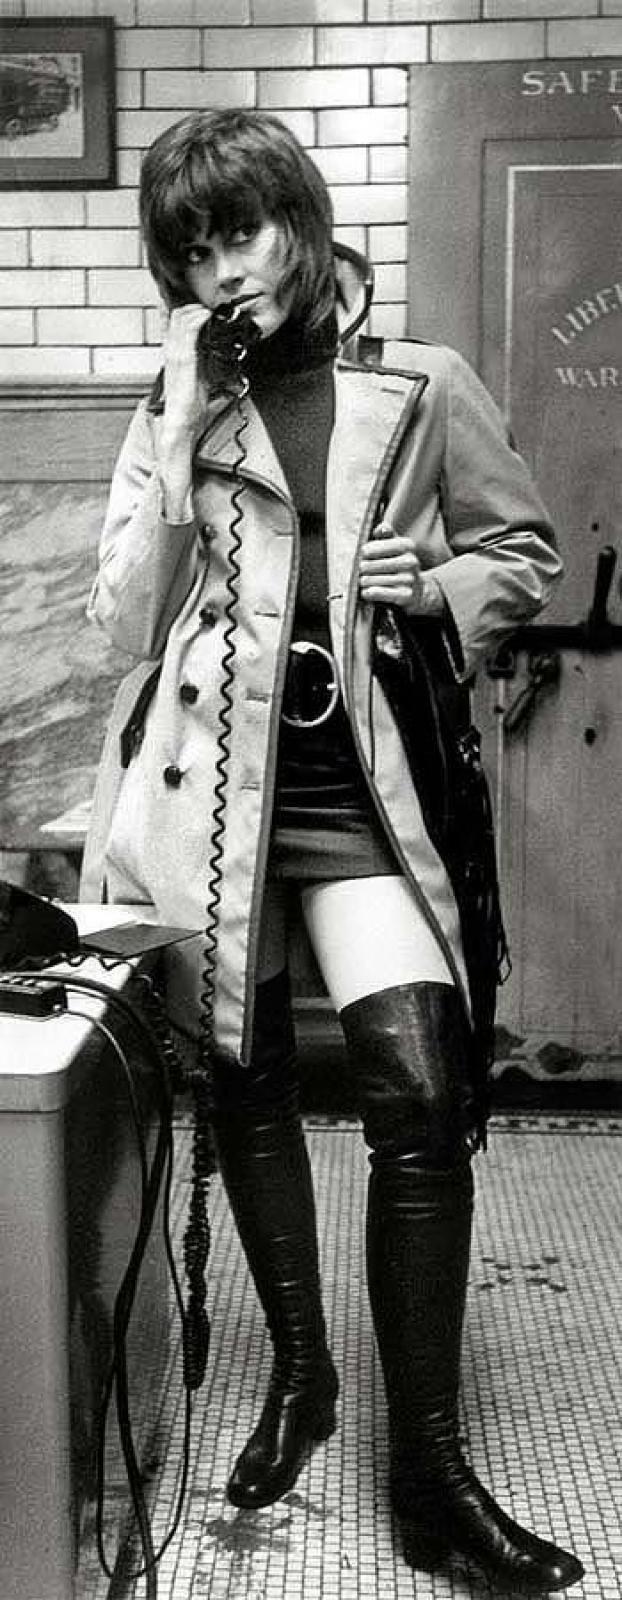 """Джейн Фонда, фильм """"Клют"""". В 1971 году актриса доказала, что нужно полностью отдаваться своей работе, а также что роль проститутки может принести актрисе """"Оскар""""."""